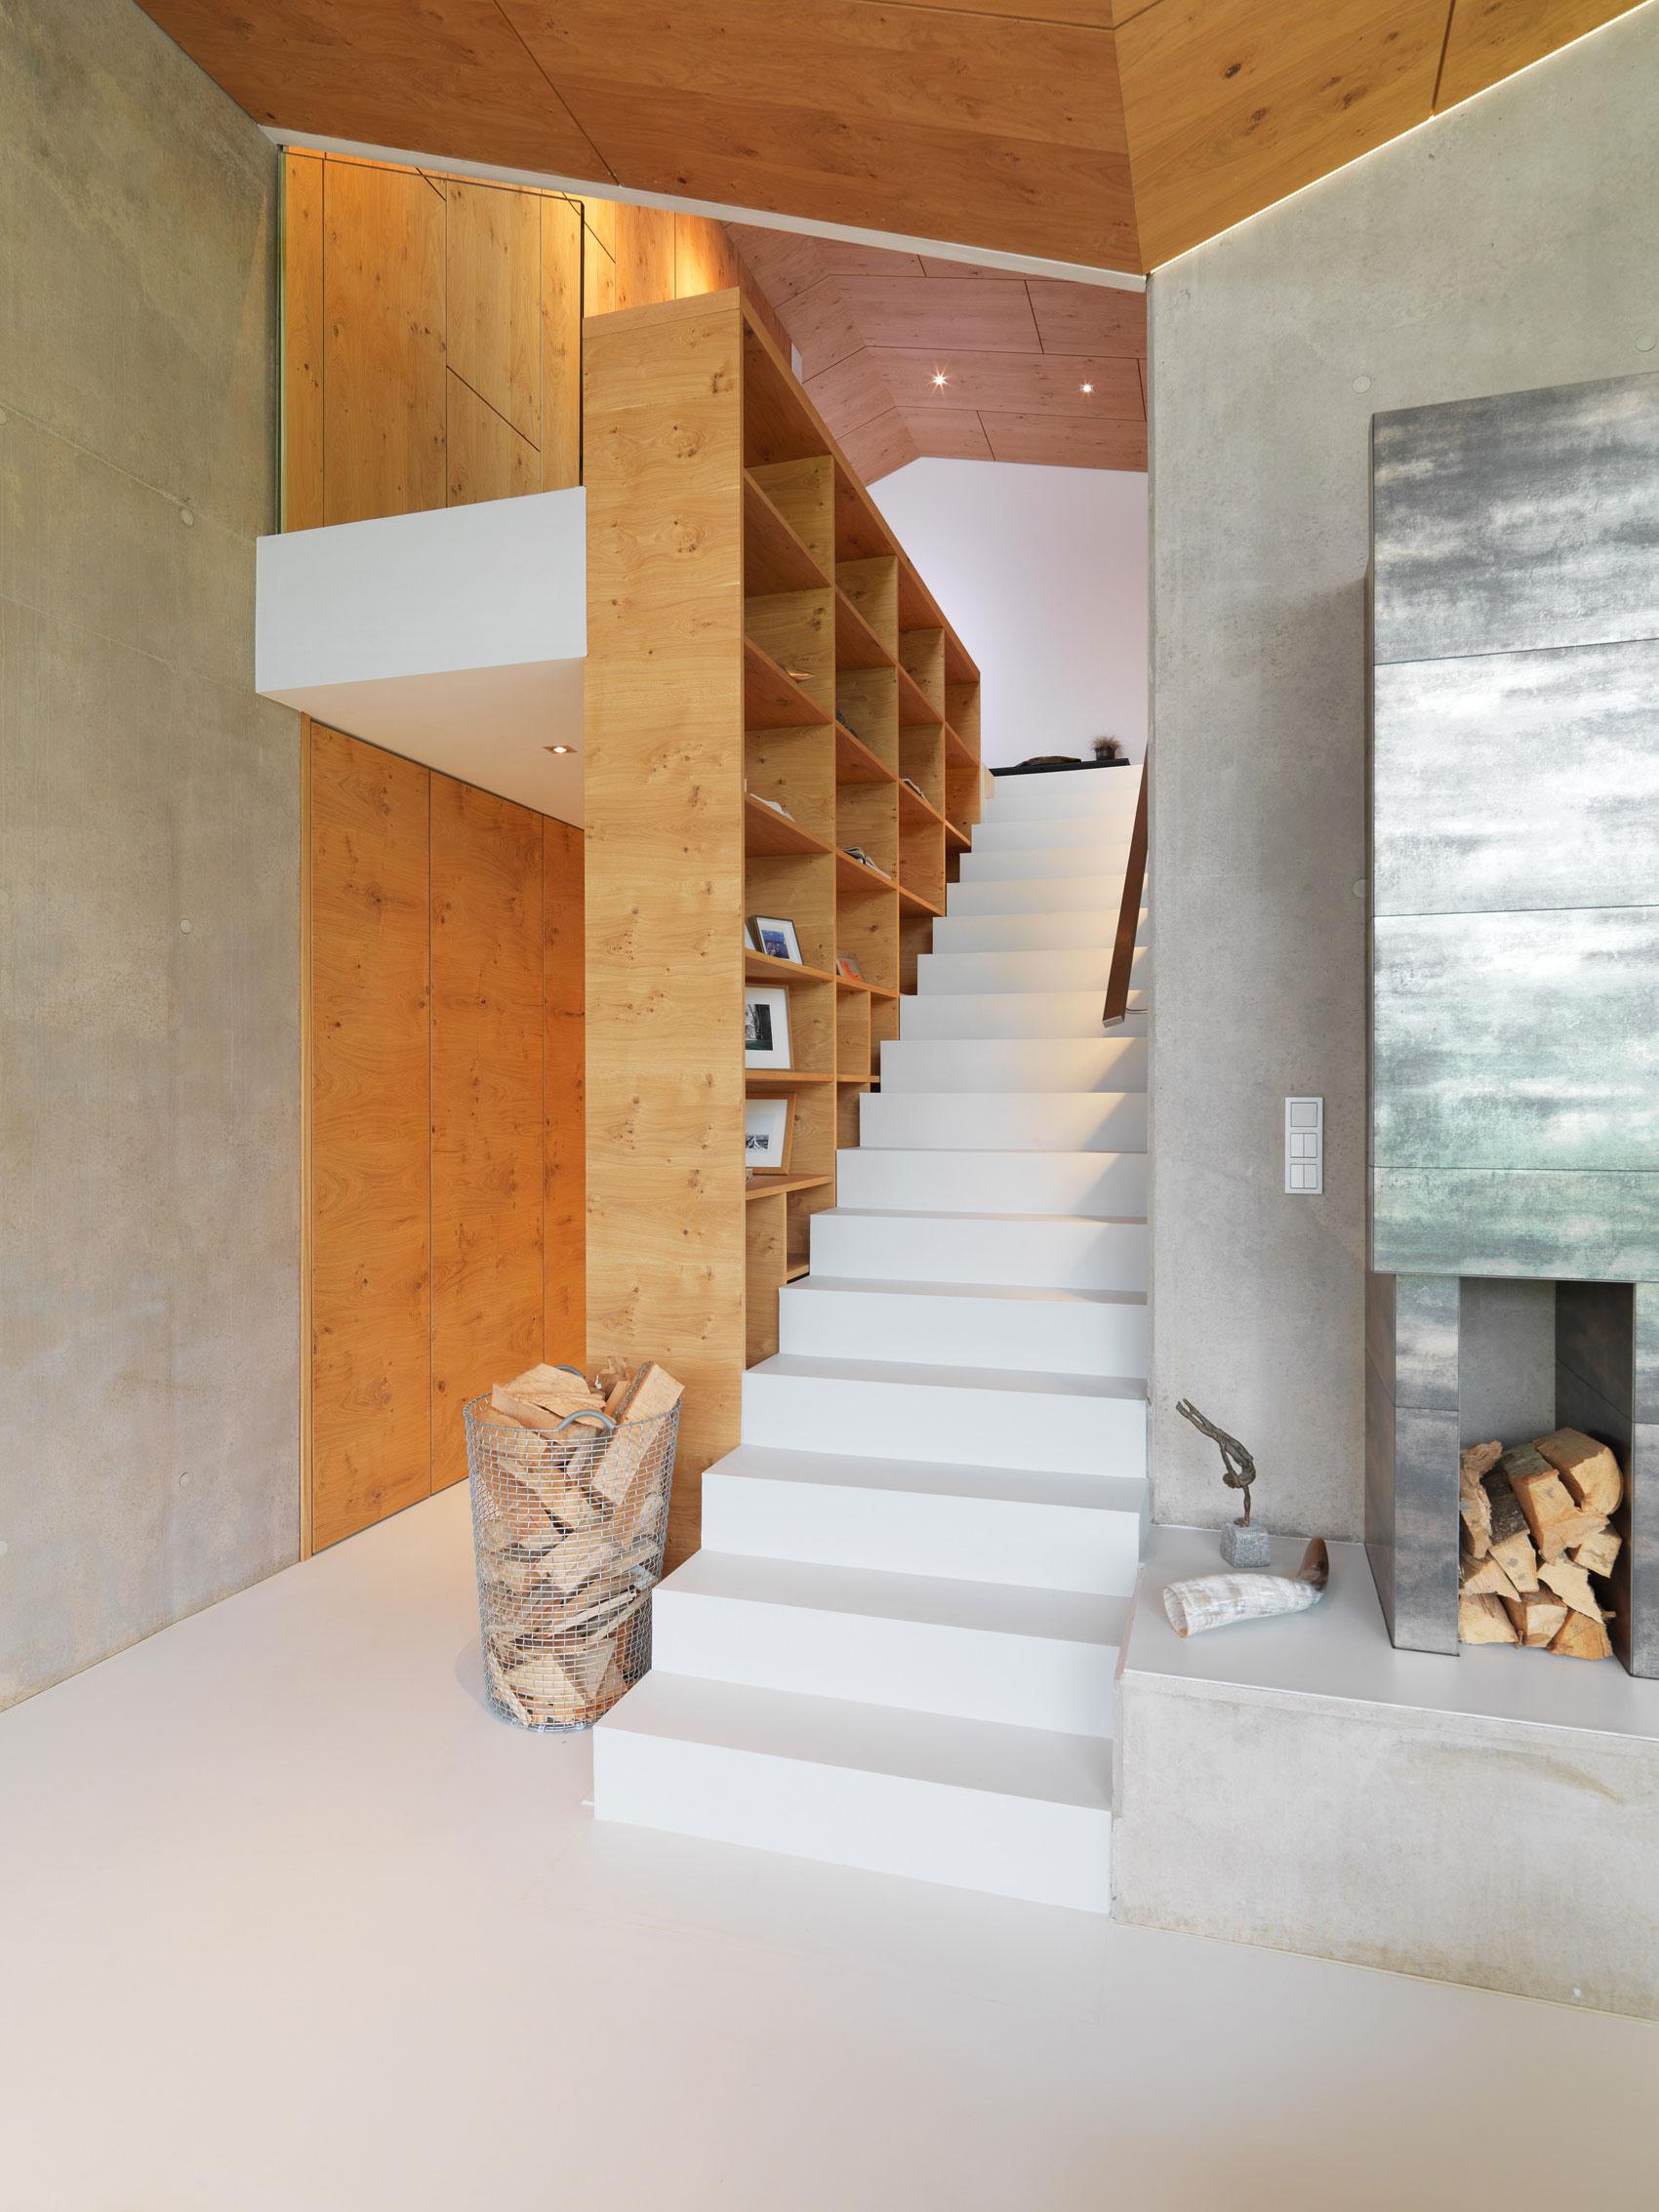 Kitzbuehel Mountain View House by SoNo arhitekti-09